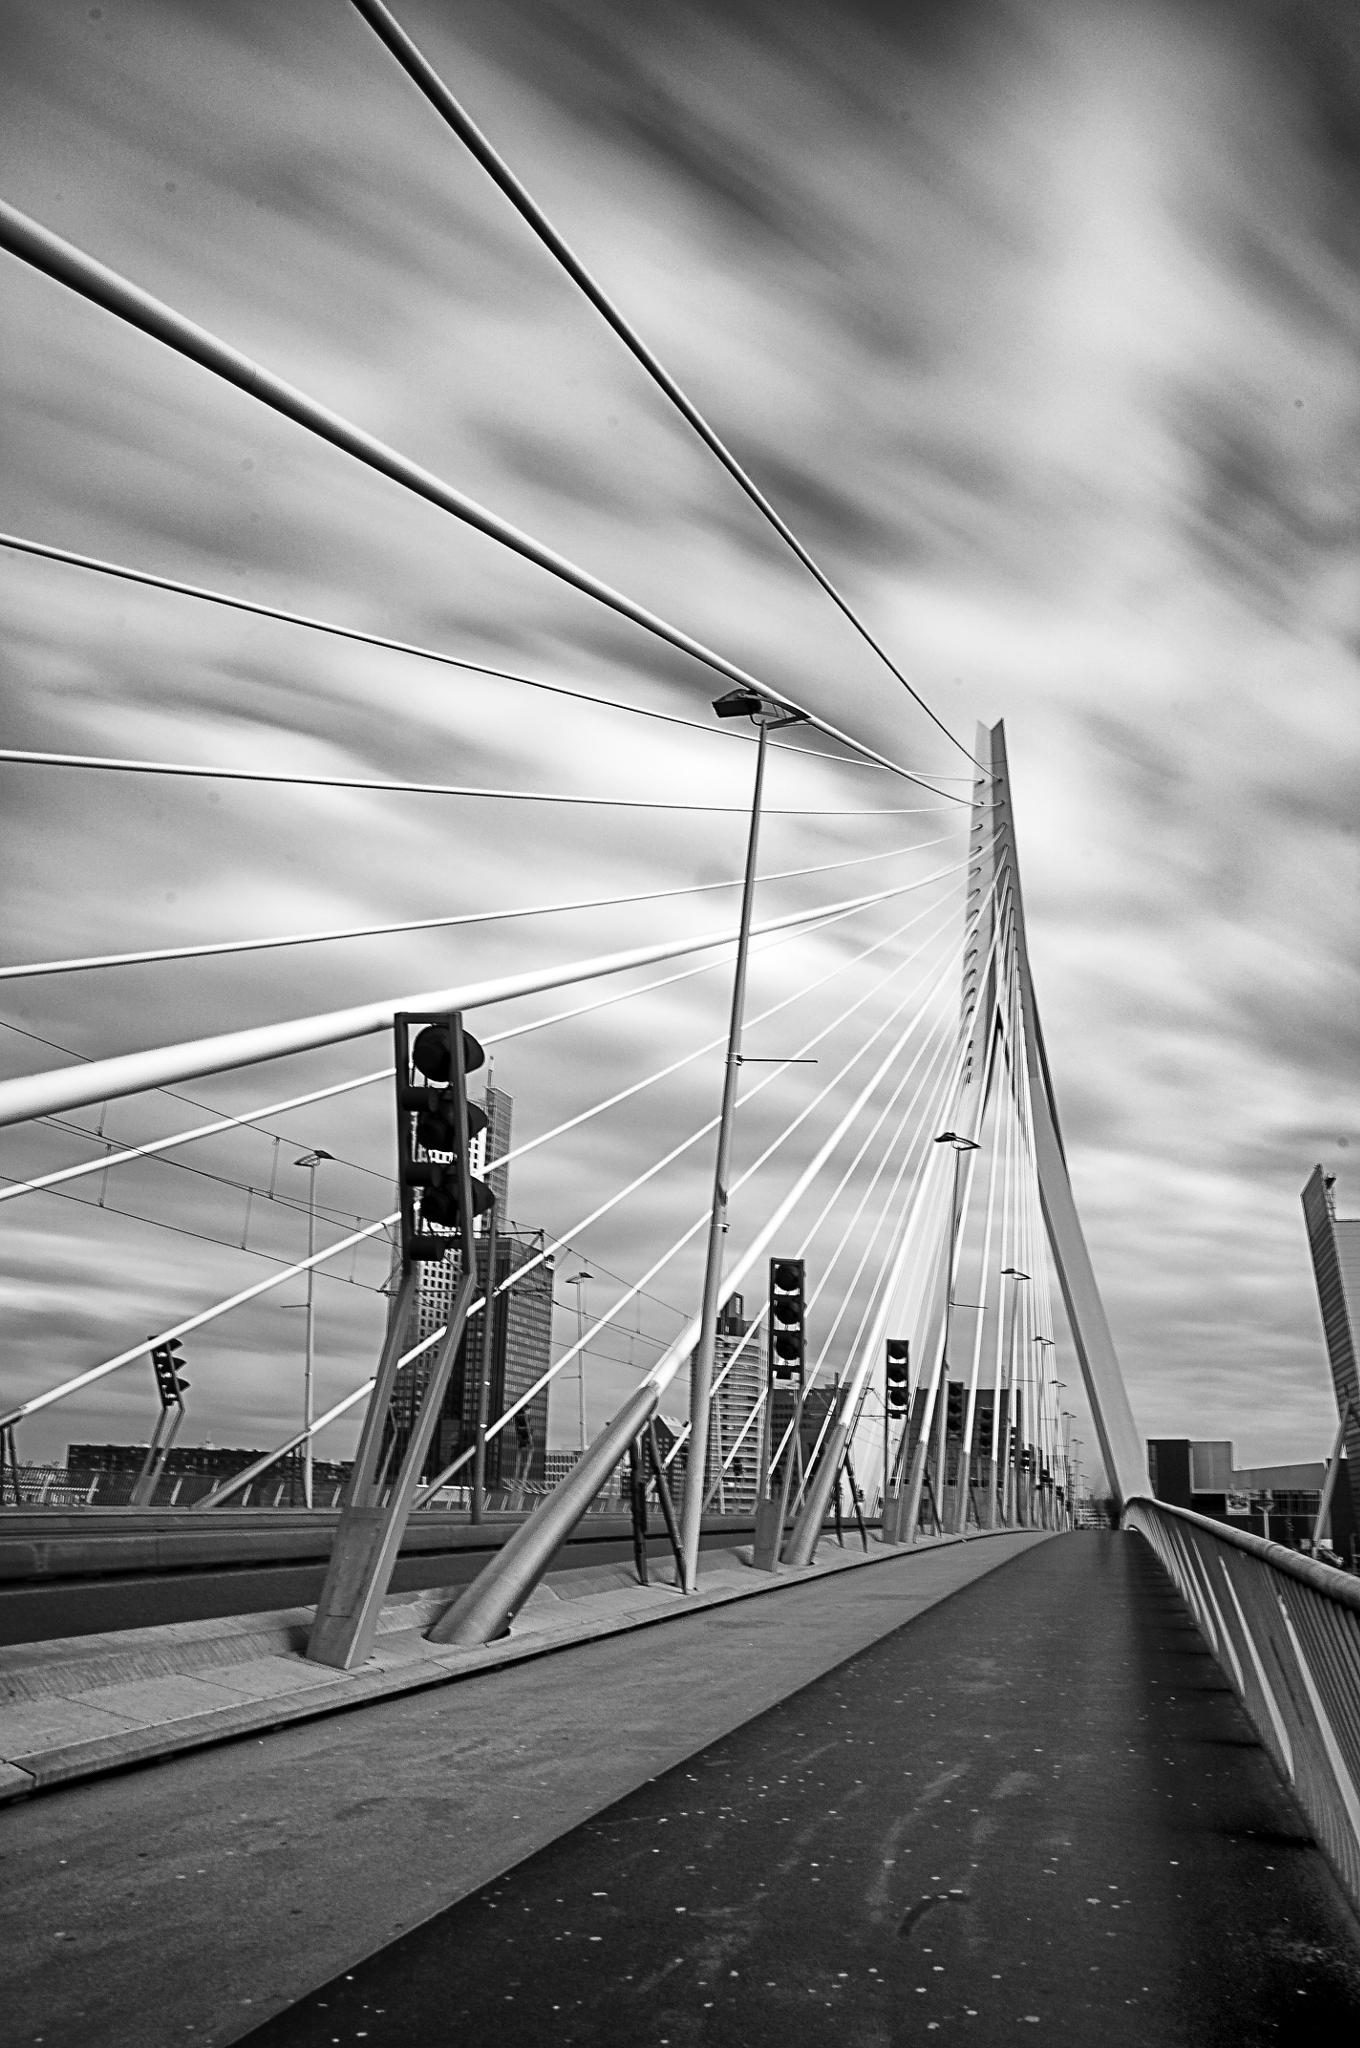 Rotterdam Erasmus bridge by cynowyn